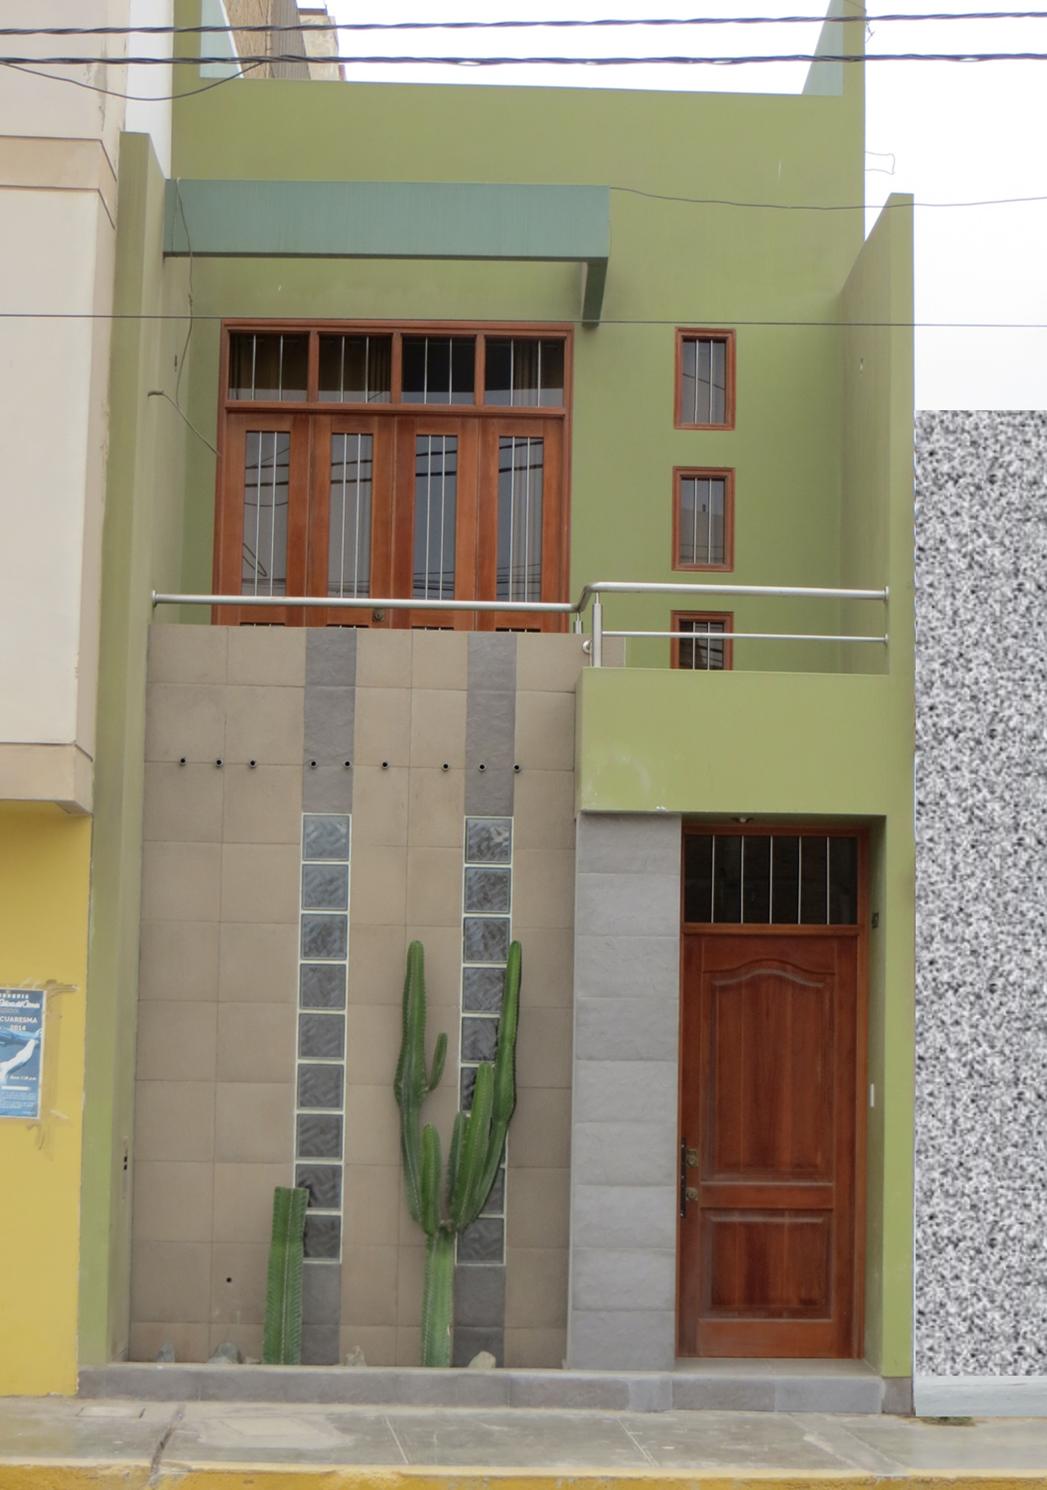 Fachadas de casas bonitas casa de 3 5 metros de frente for Fachadas de frente de casas